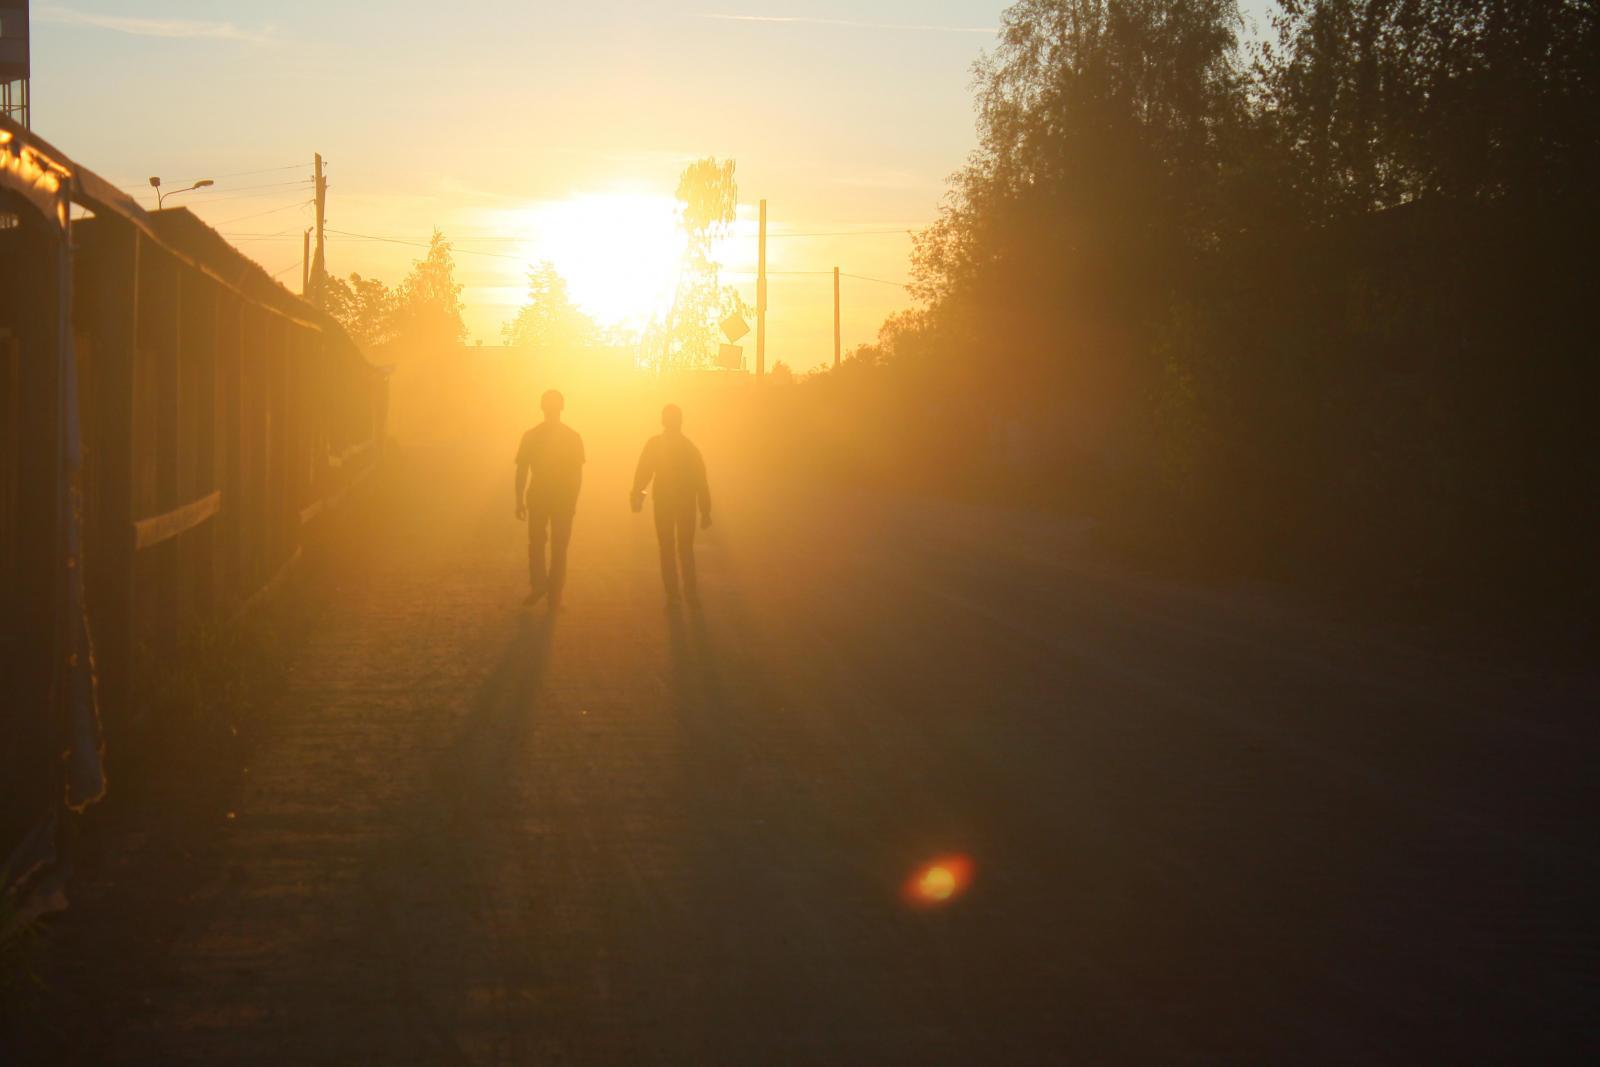 遠距離戀愛如何維持?4個方法告訴你,「自己先過好」對彼此最健康-3